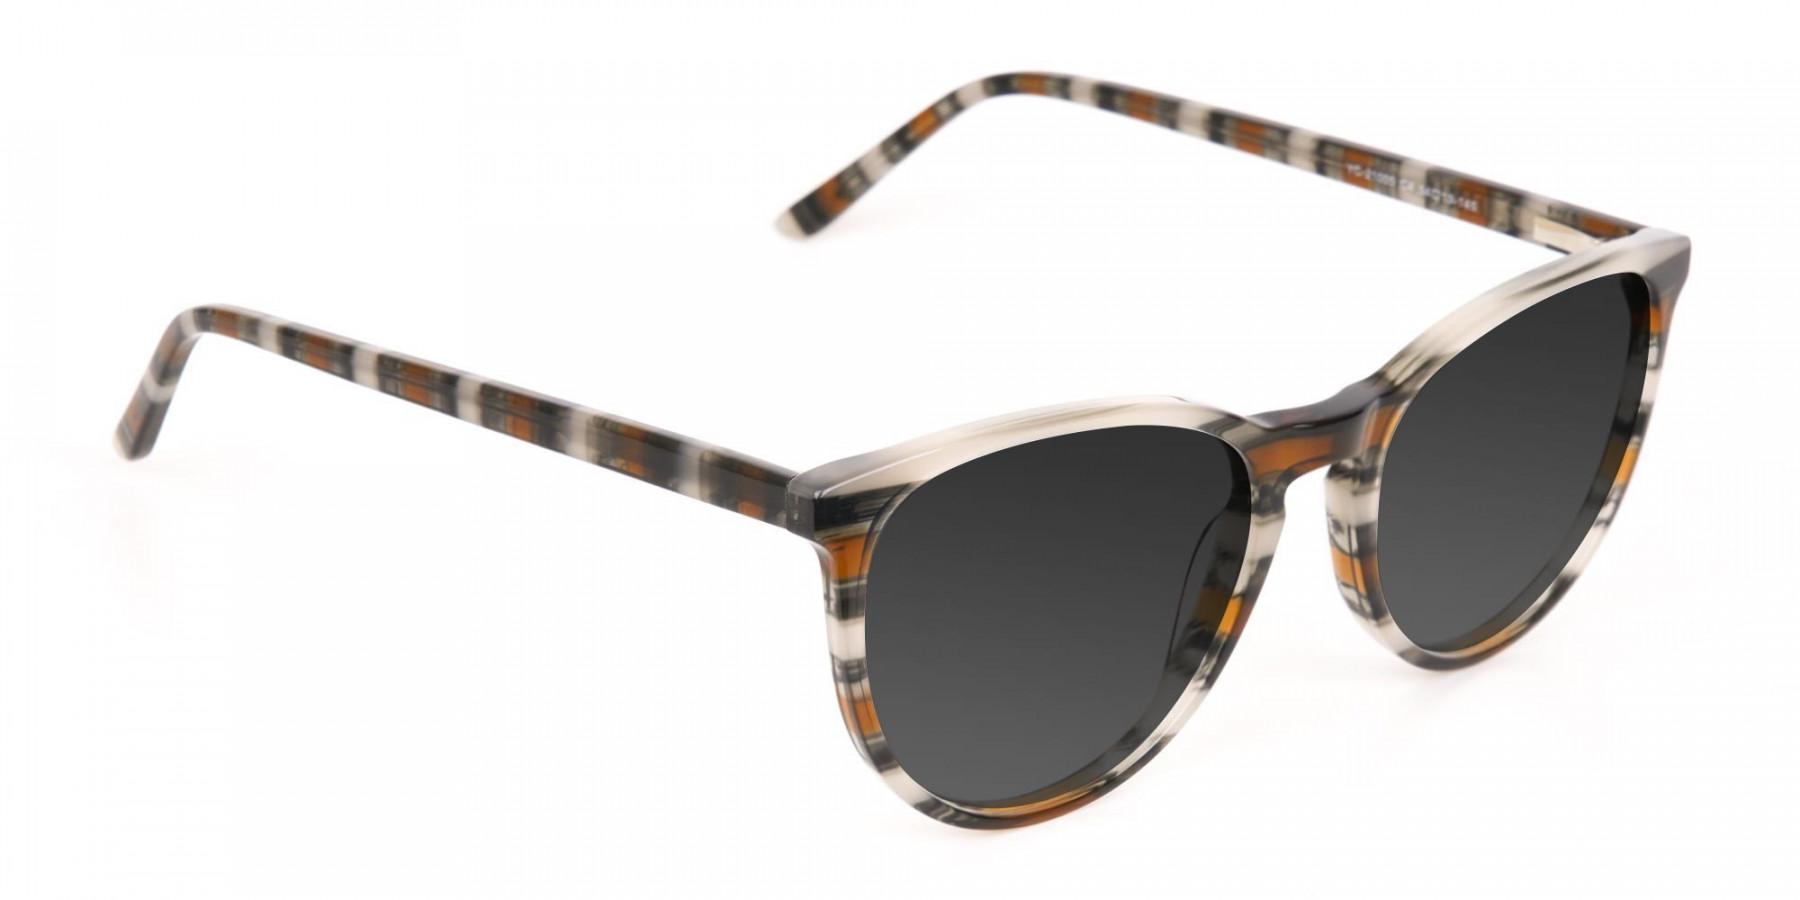 Silver Grey & Brown Striped Sunglasses - 3